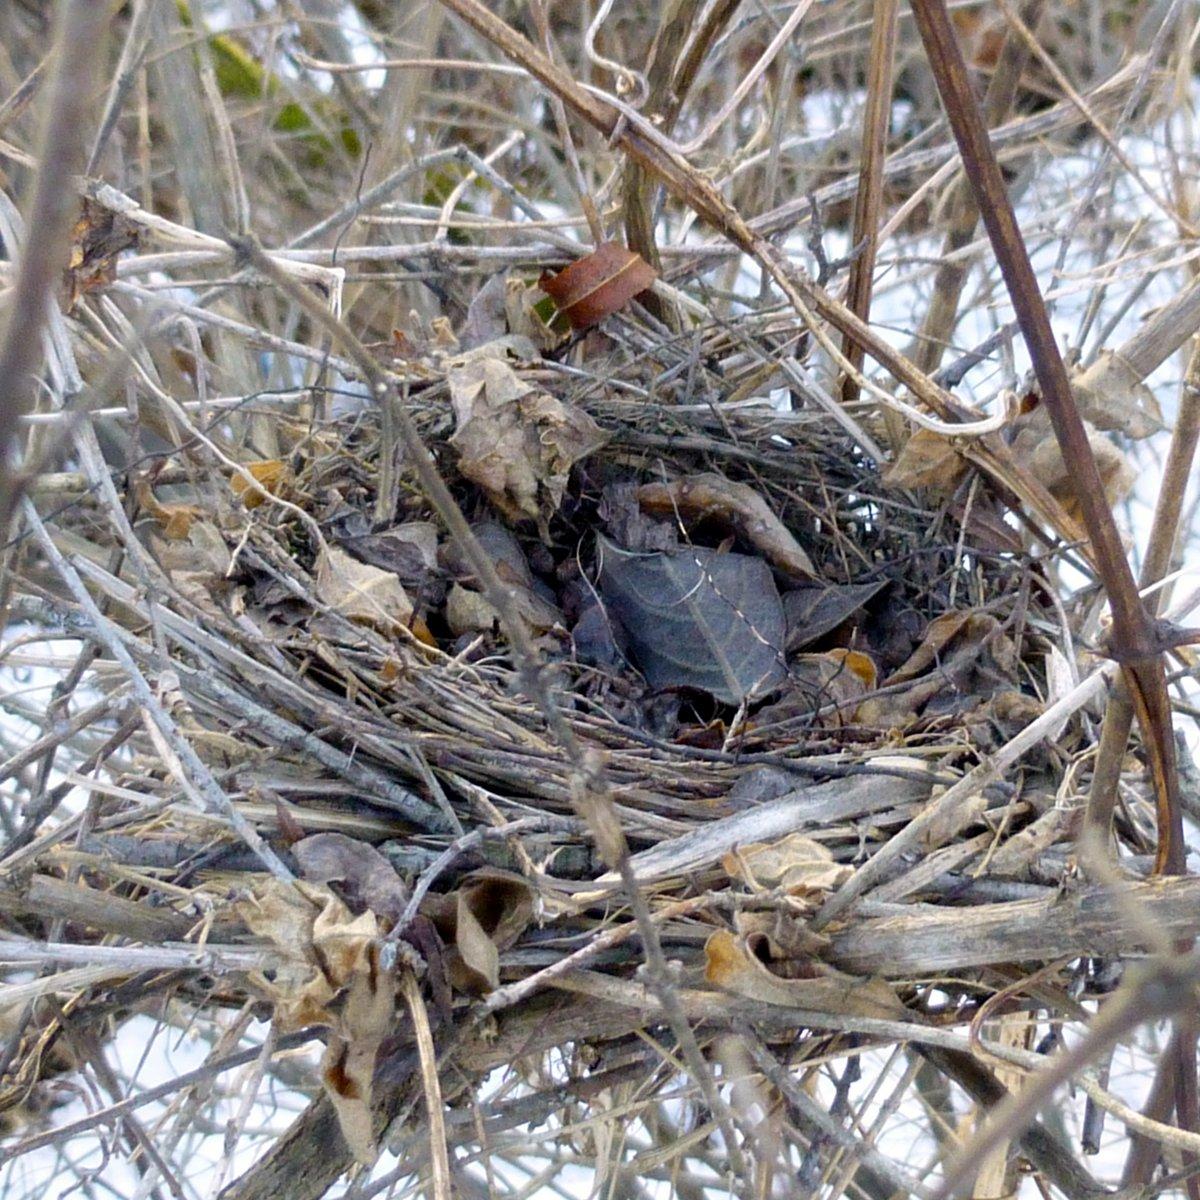 10. Bird's Nest